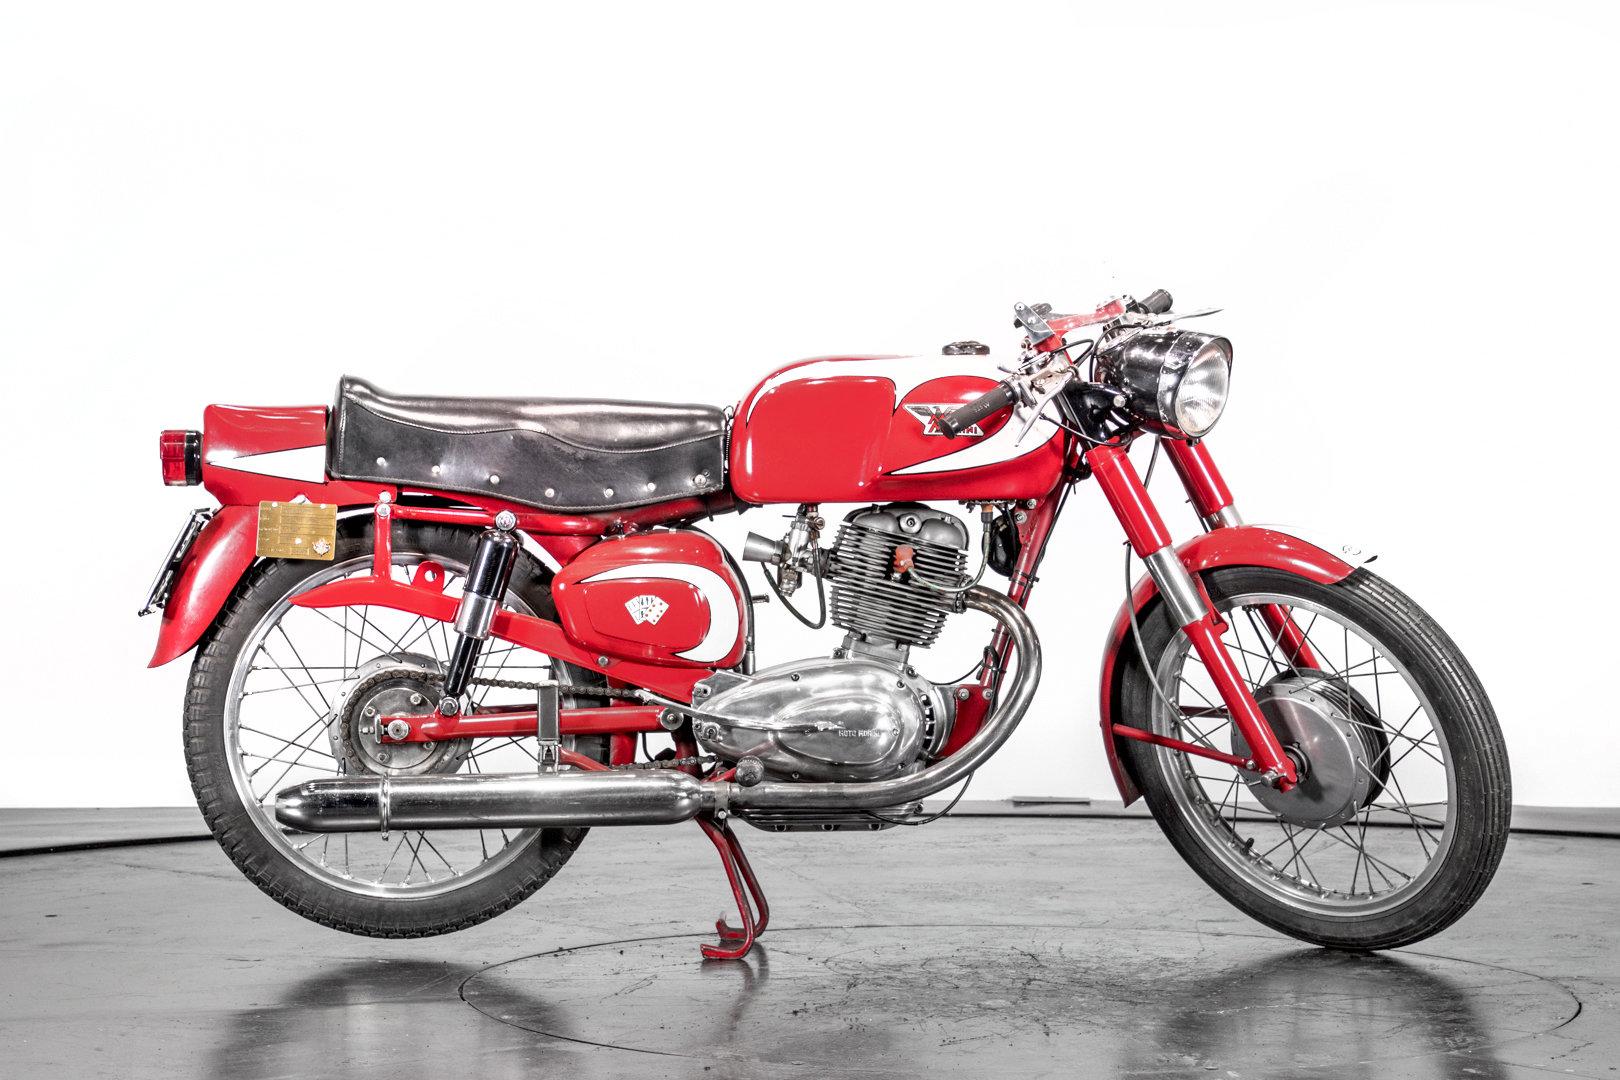 MOTO MORINI - 175 - 1957 For Sale (picture 2 of 6)